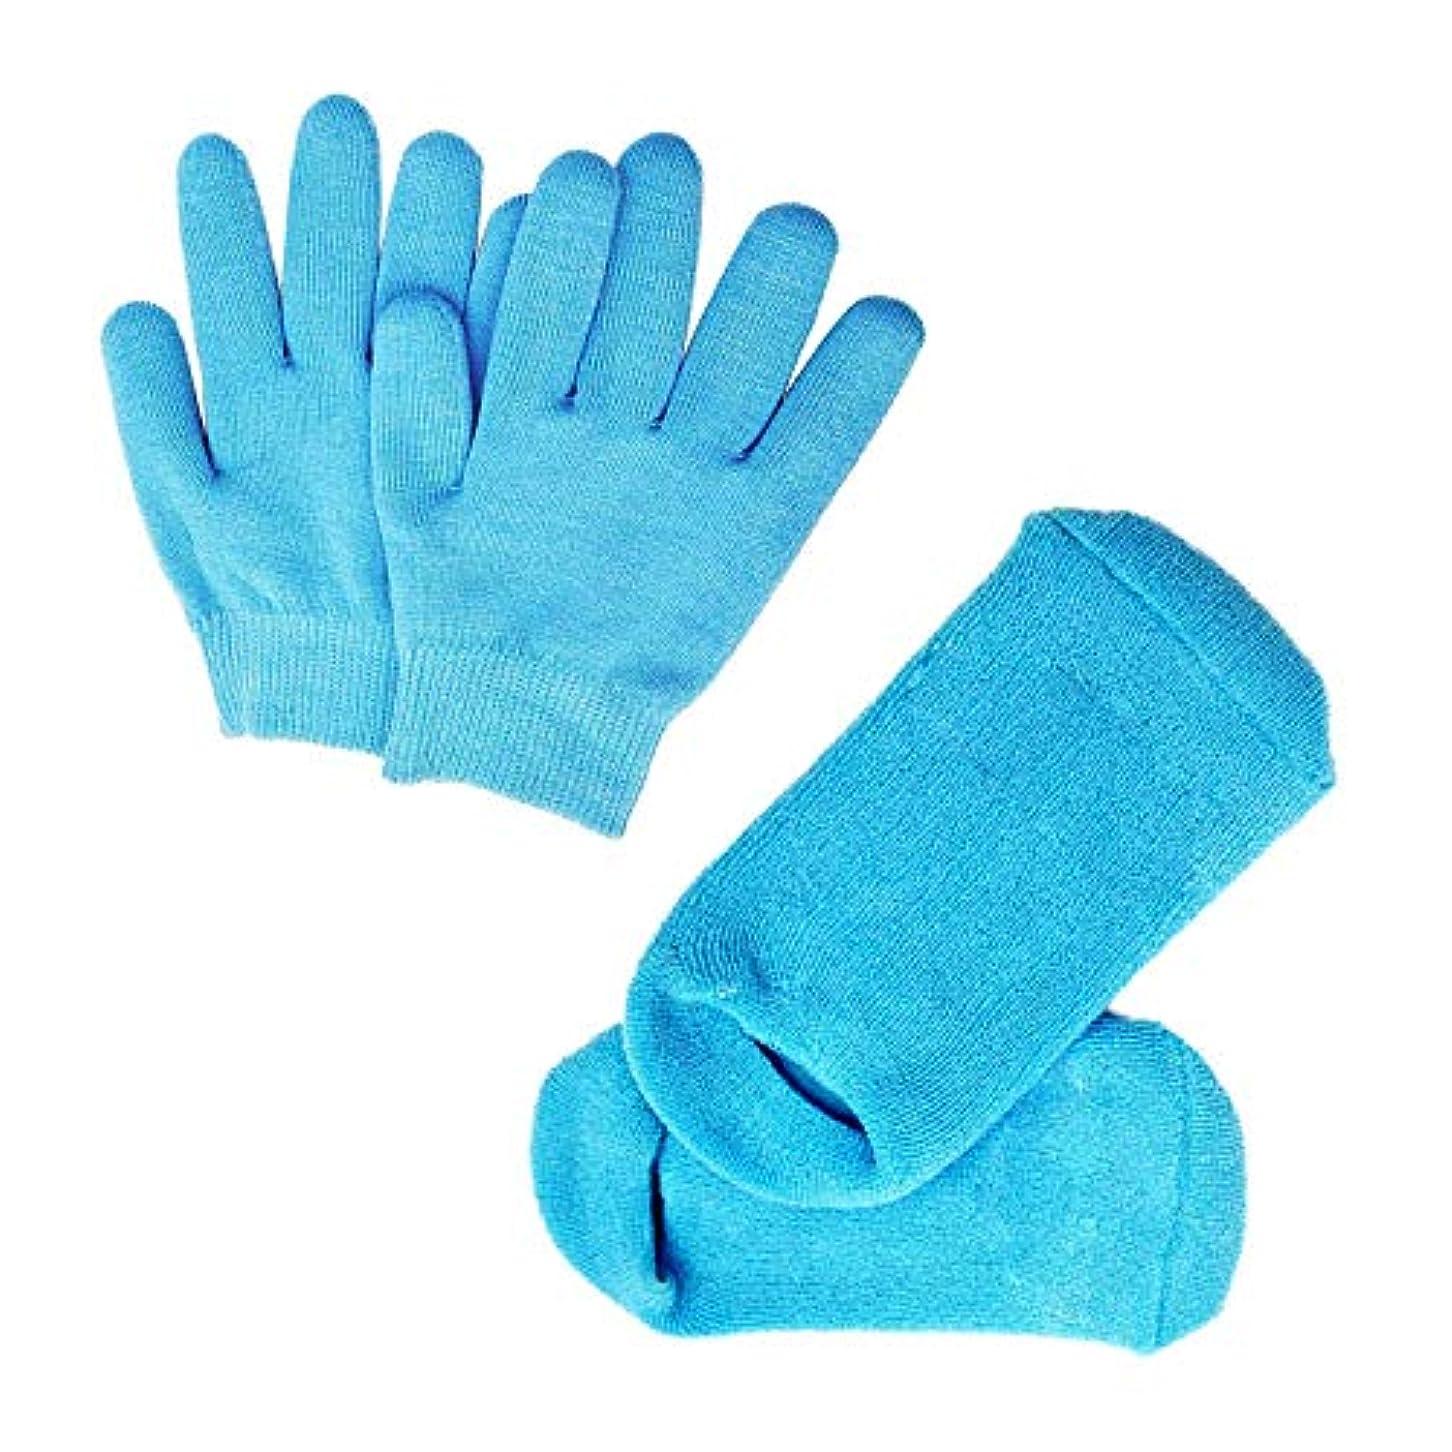 対角線万歳前投薬Pinkiou 眠る森のSPAジェルグローブ/SPAジェルソックス ハンドケアグローブ/フットケアソックス 角質取り 保湿 かかとケア オープントゥ 素肌美人 靴下と手袋 一セット スバ いいお肌になりましょう(ブルー)